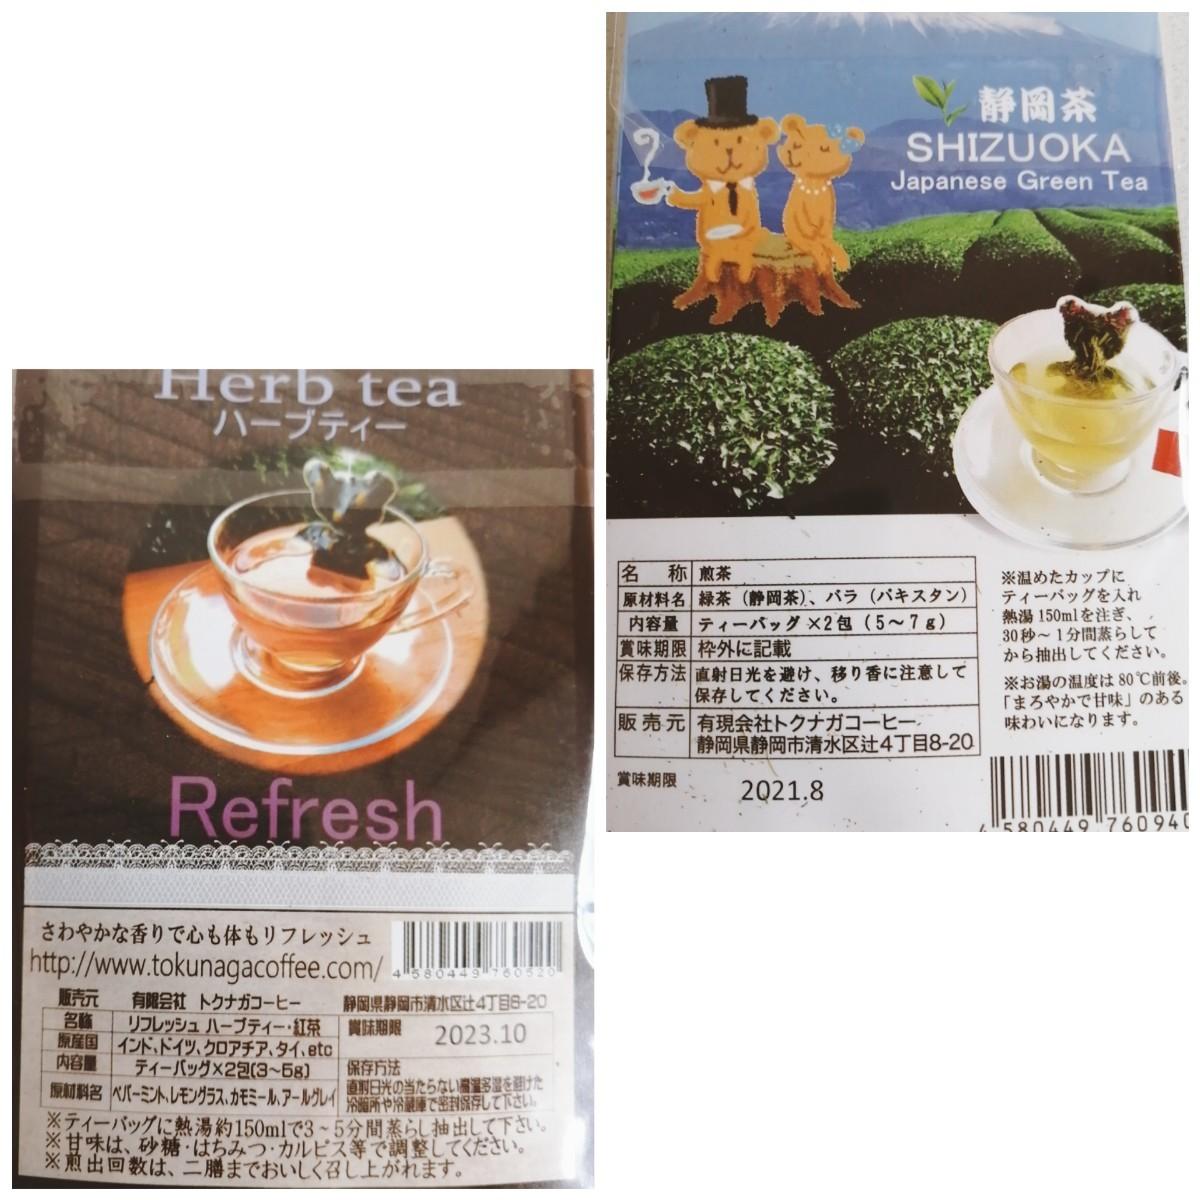 ハーブティー 紅茶 ブレンド紅茶 緑茶 飲料 食品 ティーバッグ紅茶